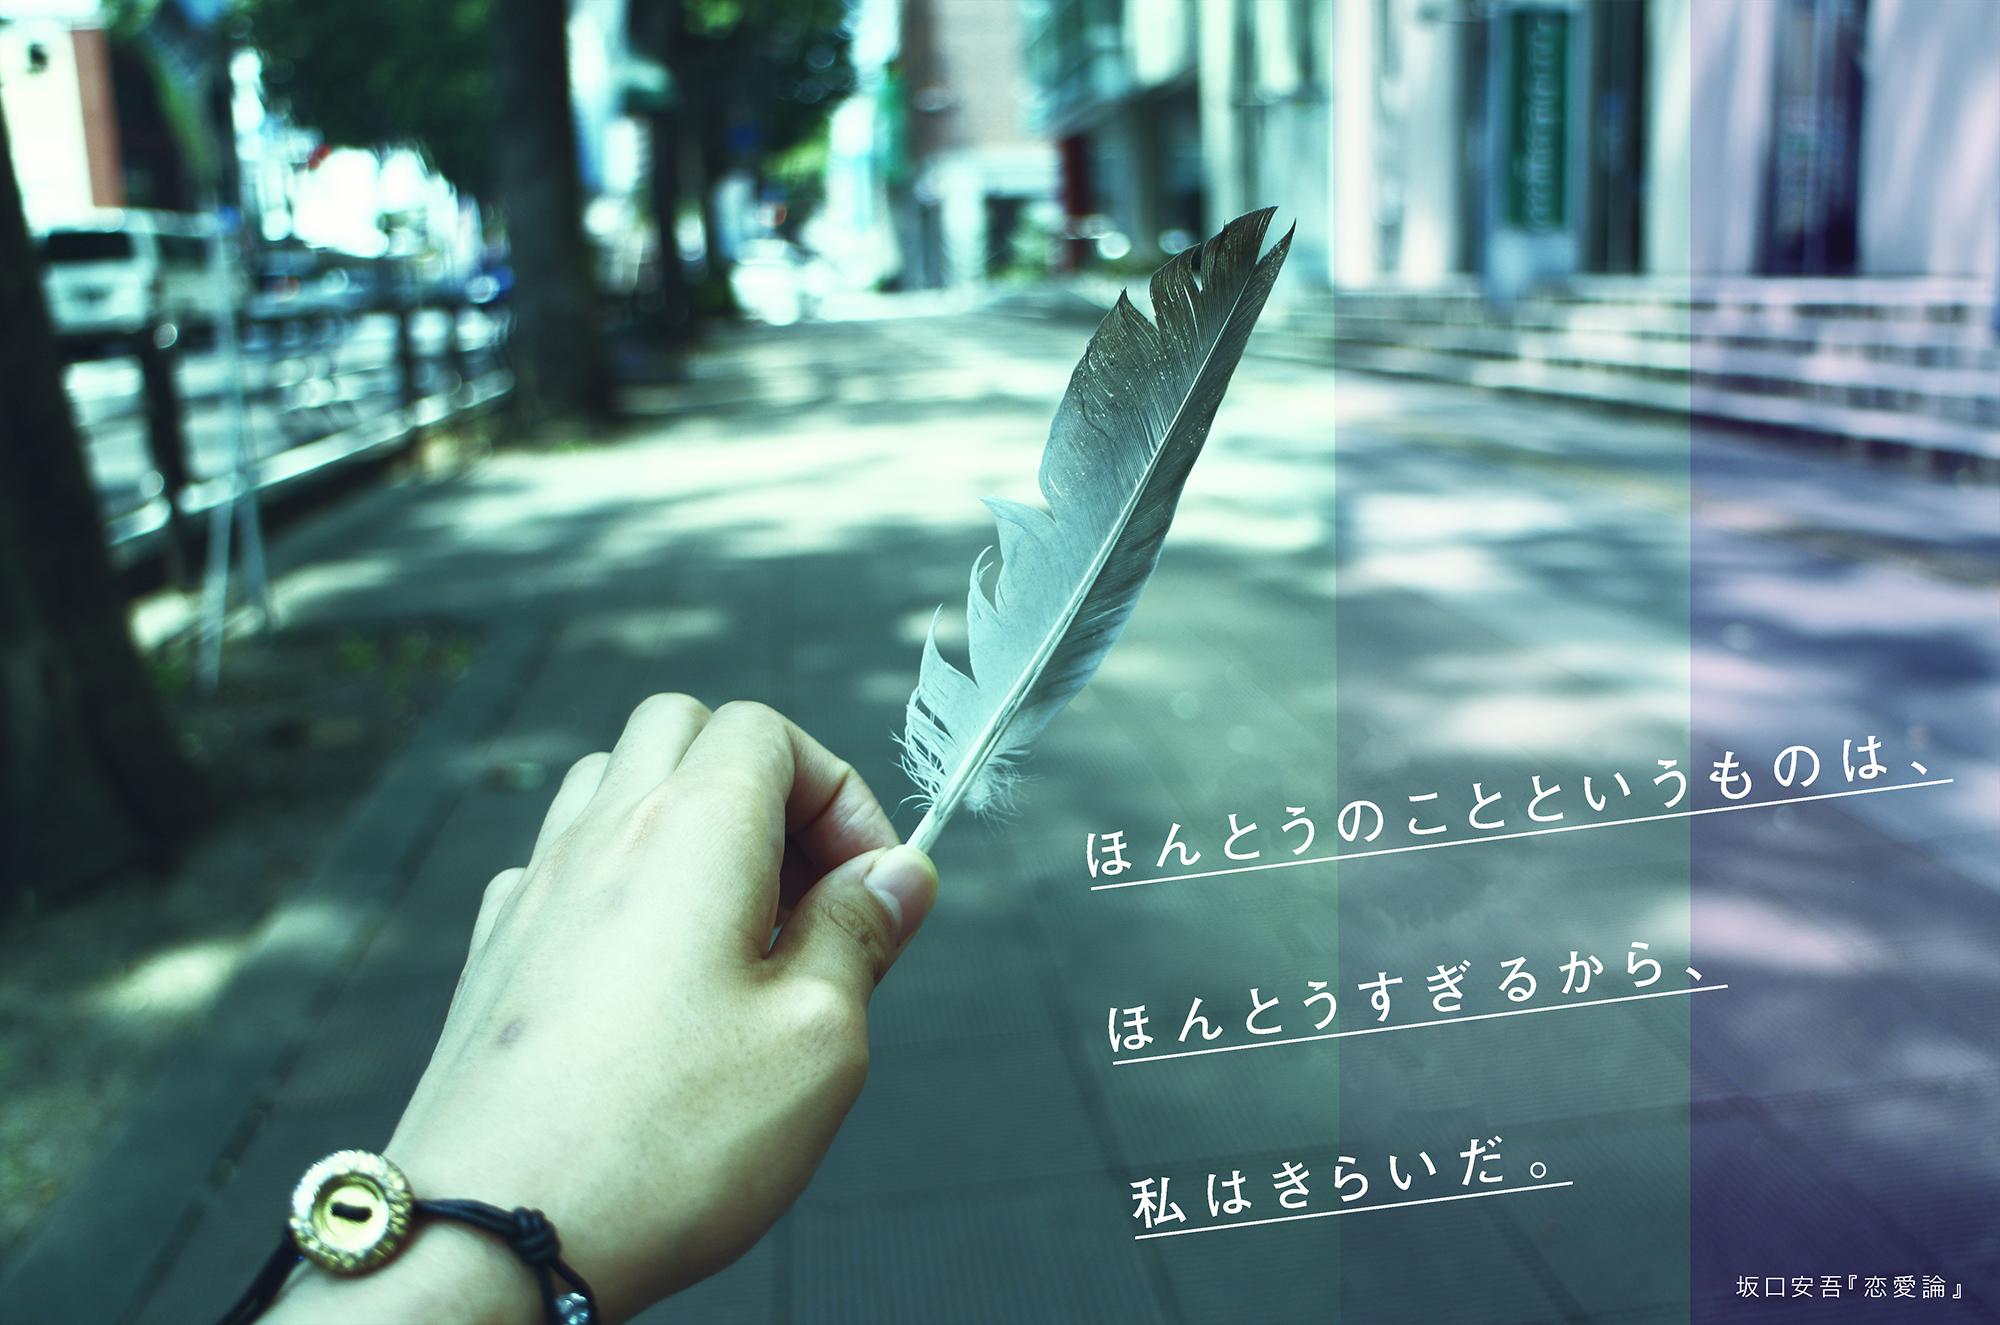 【コラム】「kotohogi」言葉と文学を、もっと身近に。 / 第一回 坂口安吾『恋愛論』   蓼食う本の虫